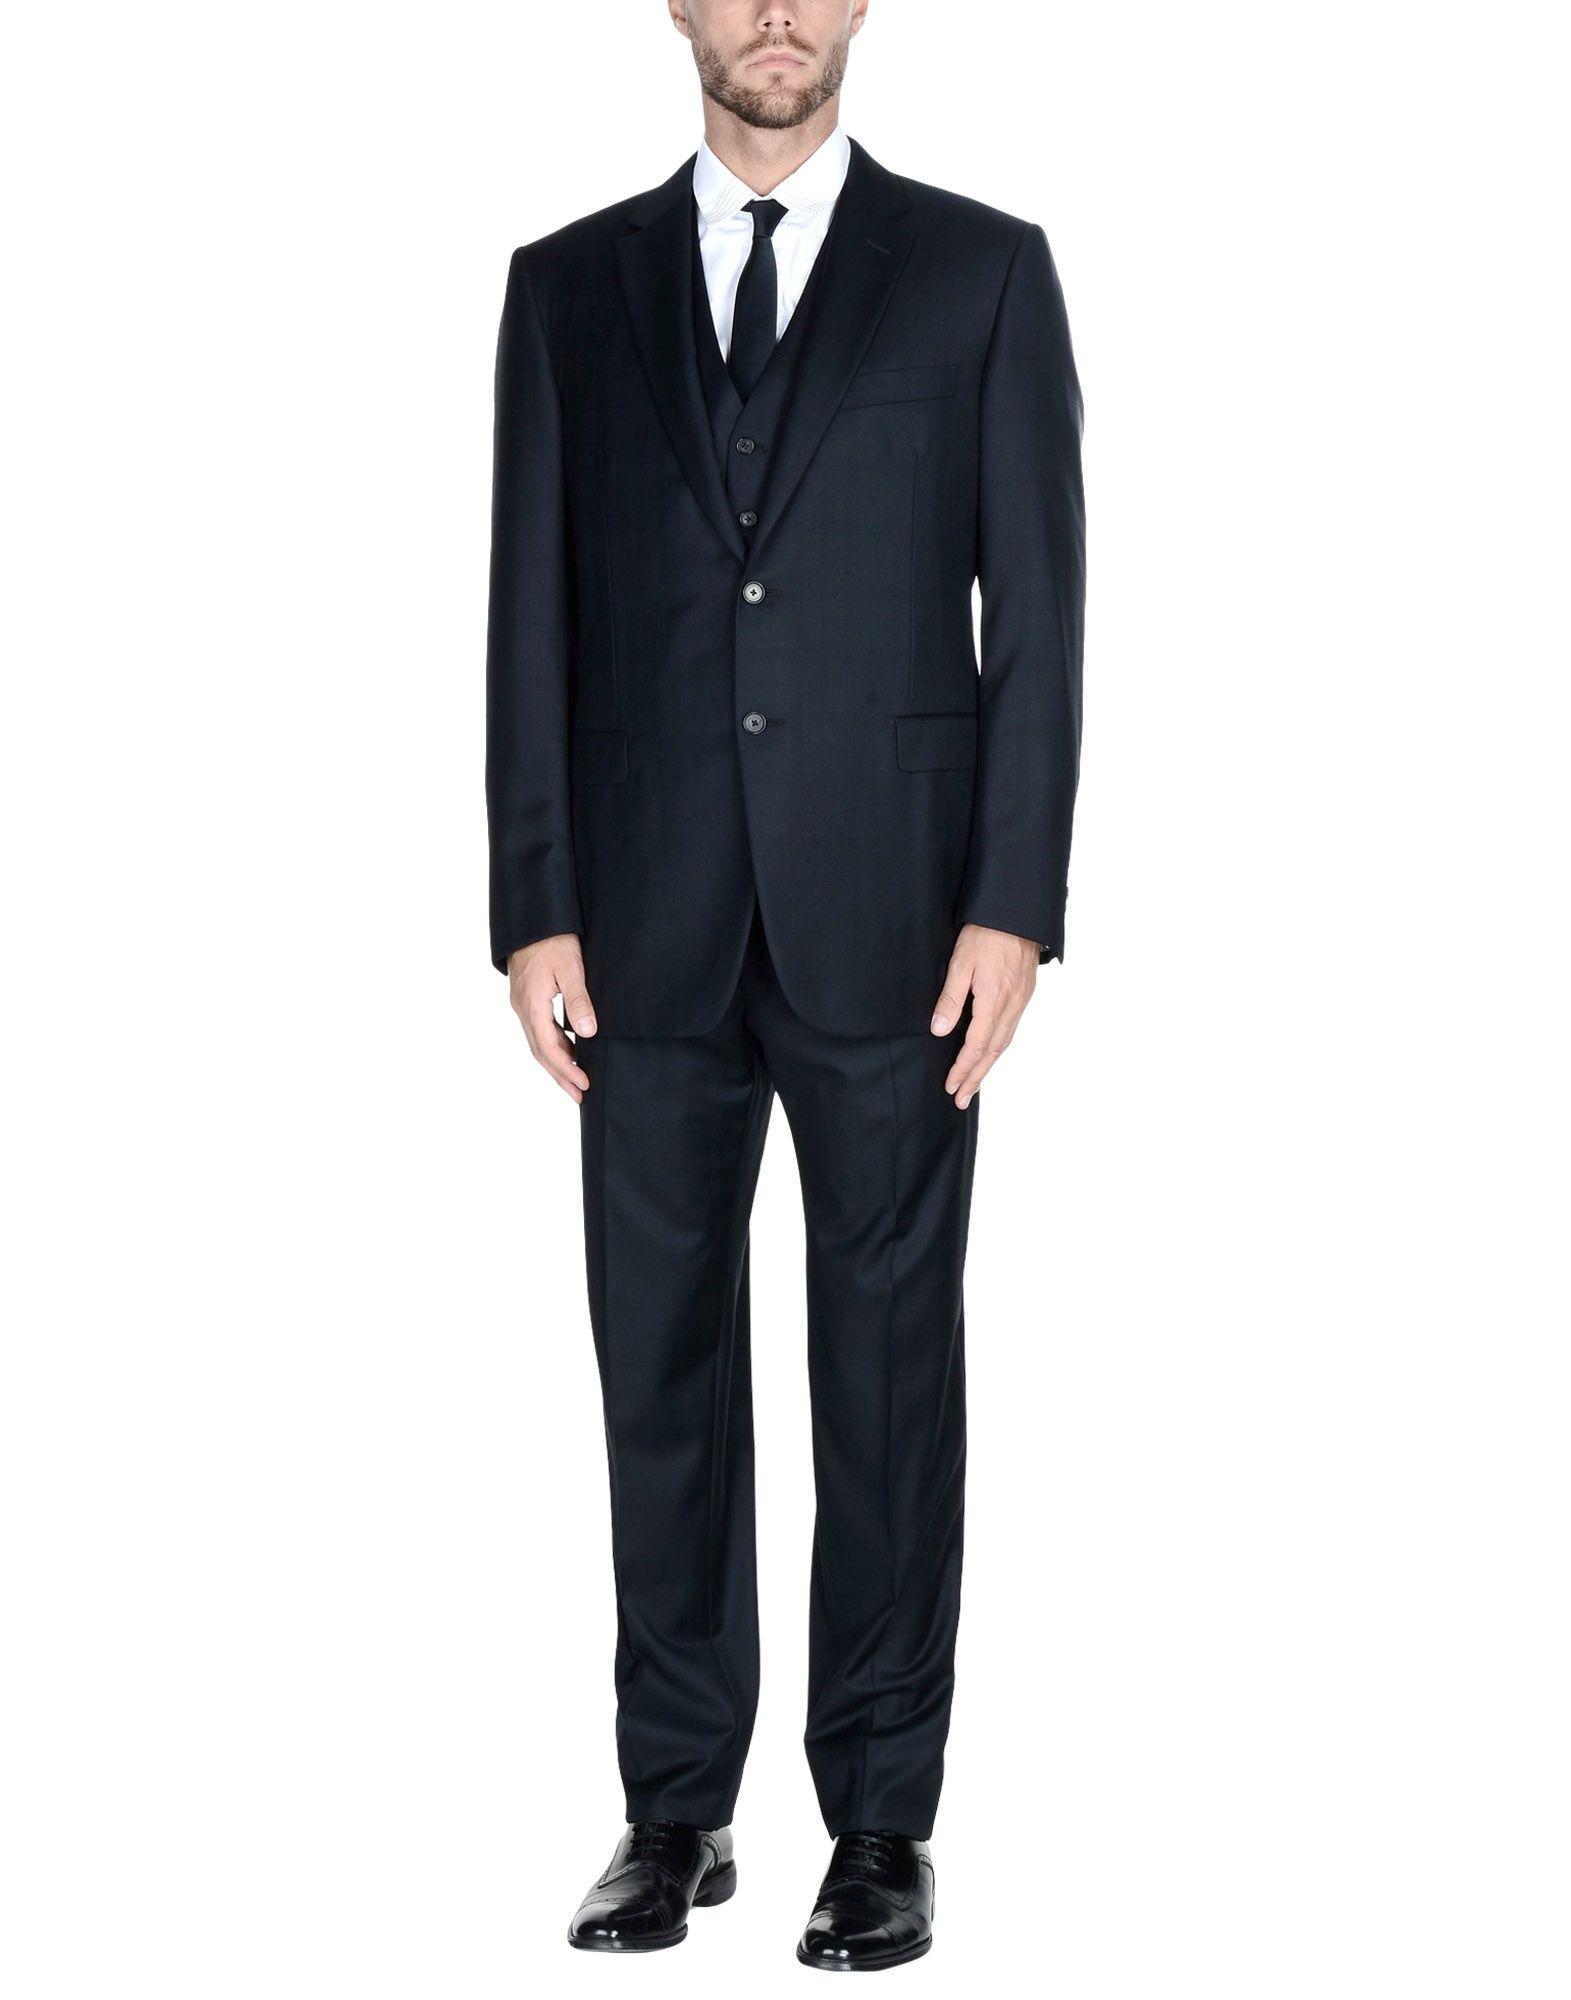 《送料無料》LANVIN メンズ スーツ ダークブルー 54 ウール 100%